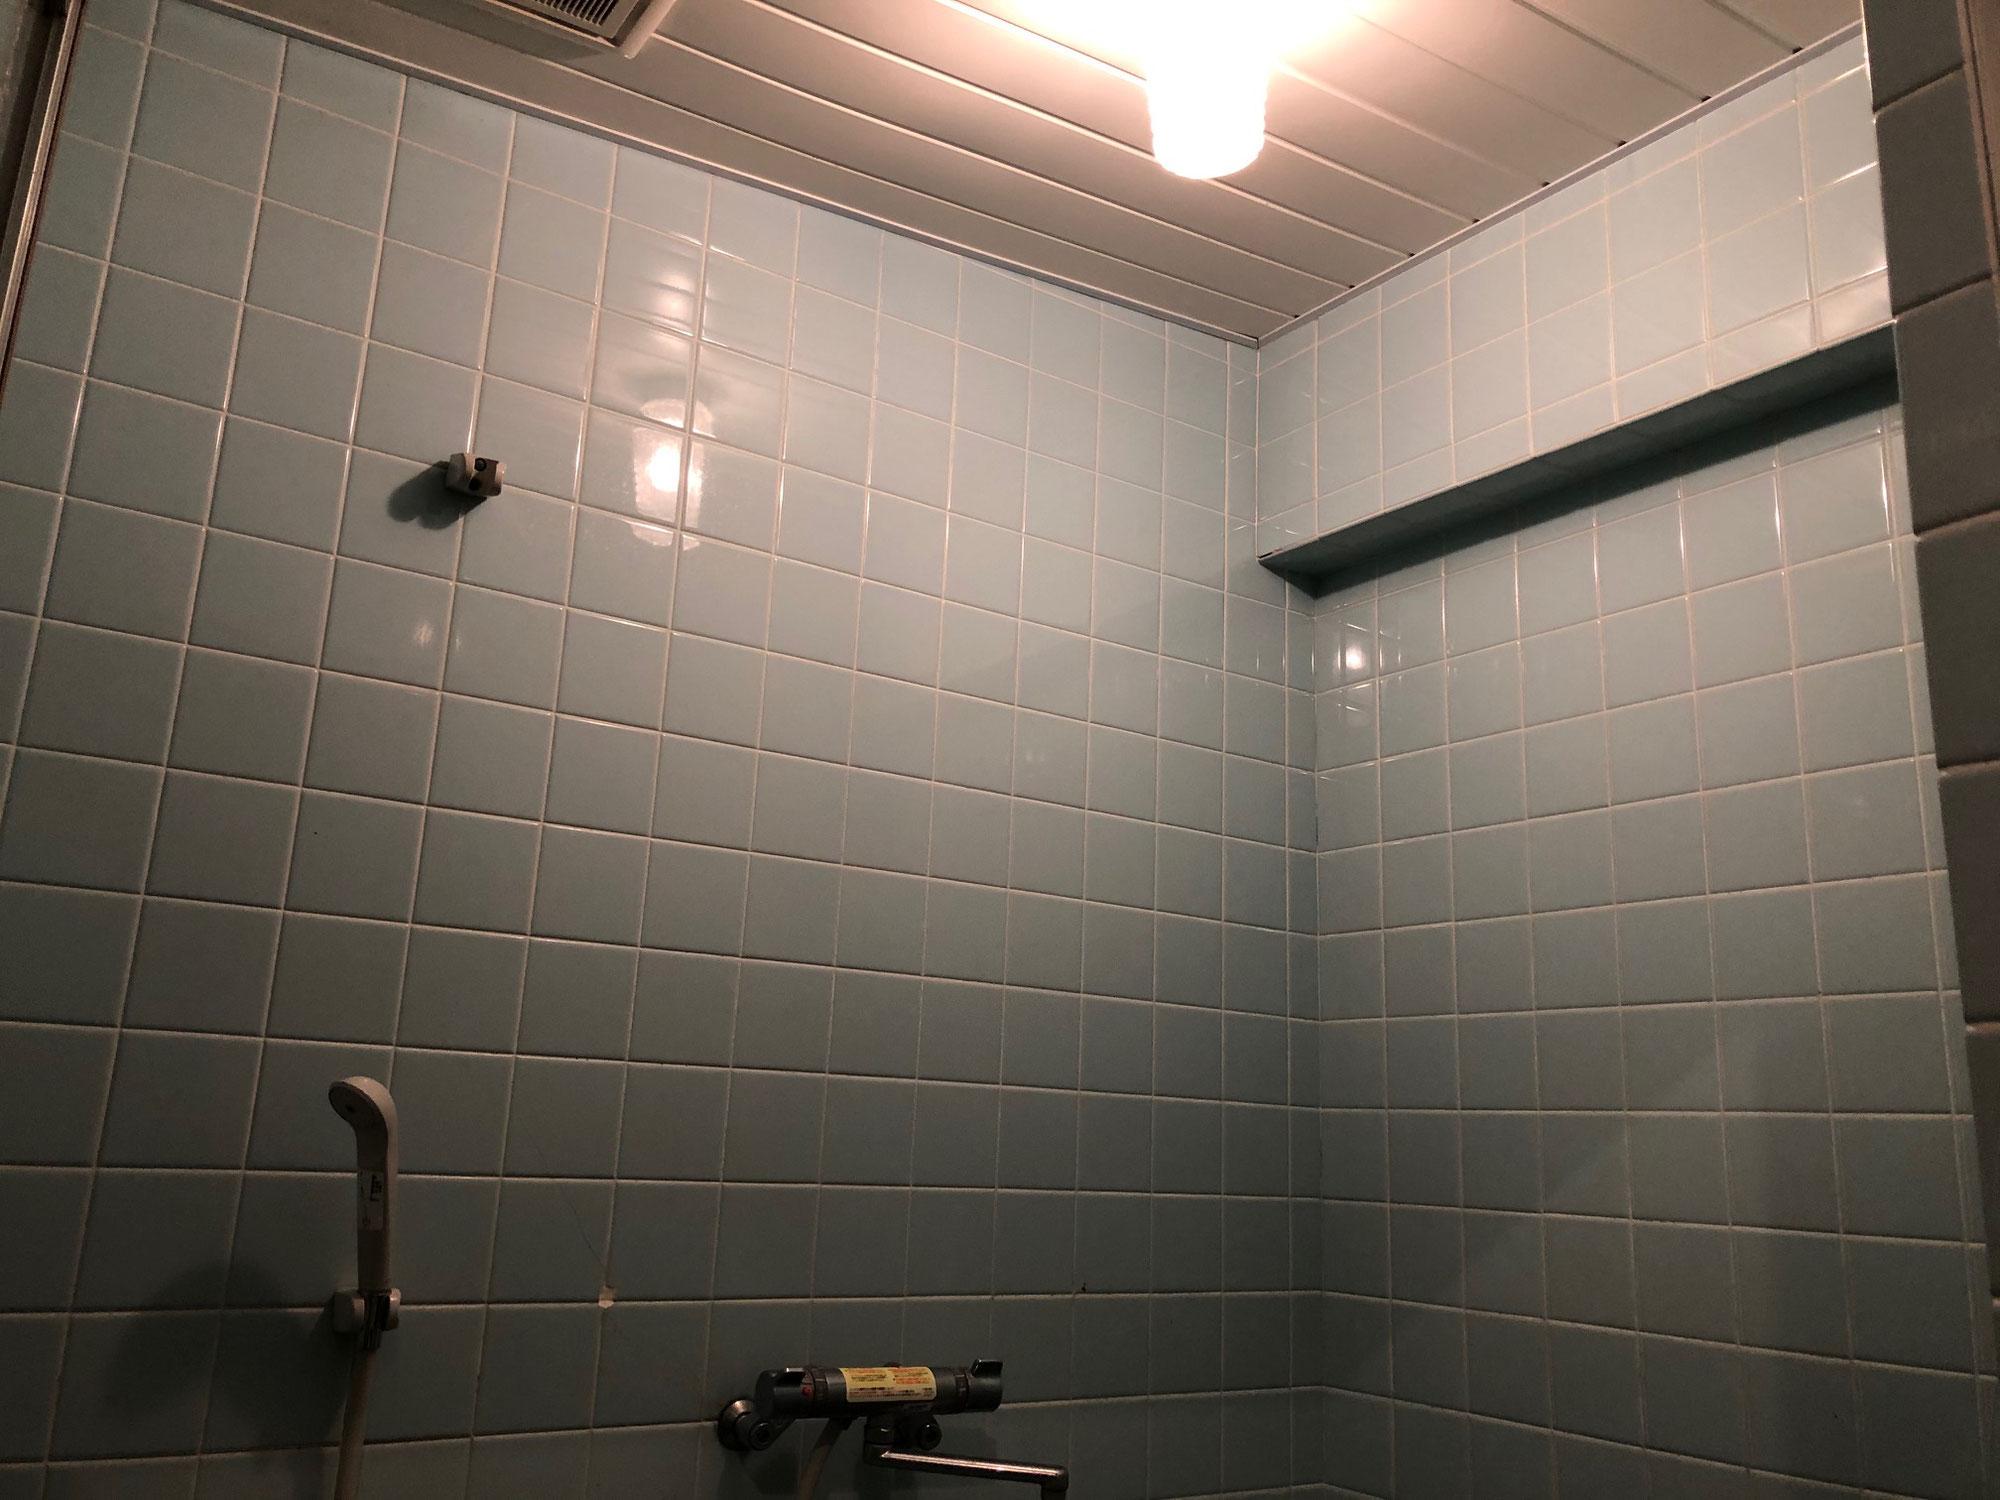 賃貸マンション浴室壁面タイル塗装、洗い場シート貼り 愛媛県新居浜市八雲町